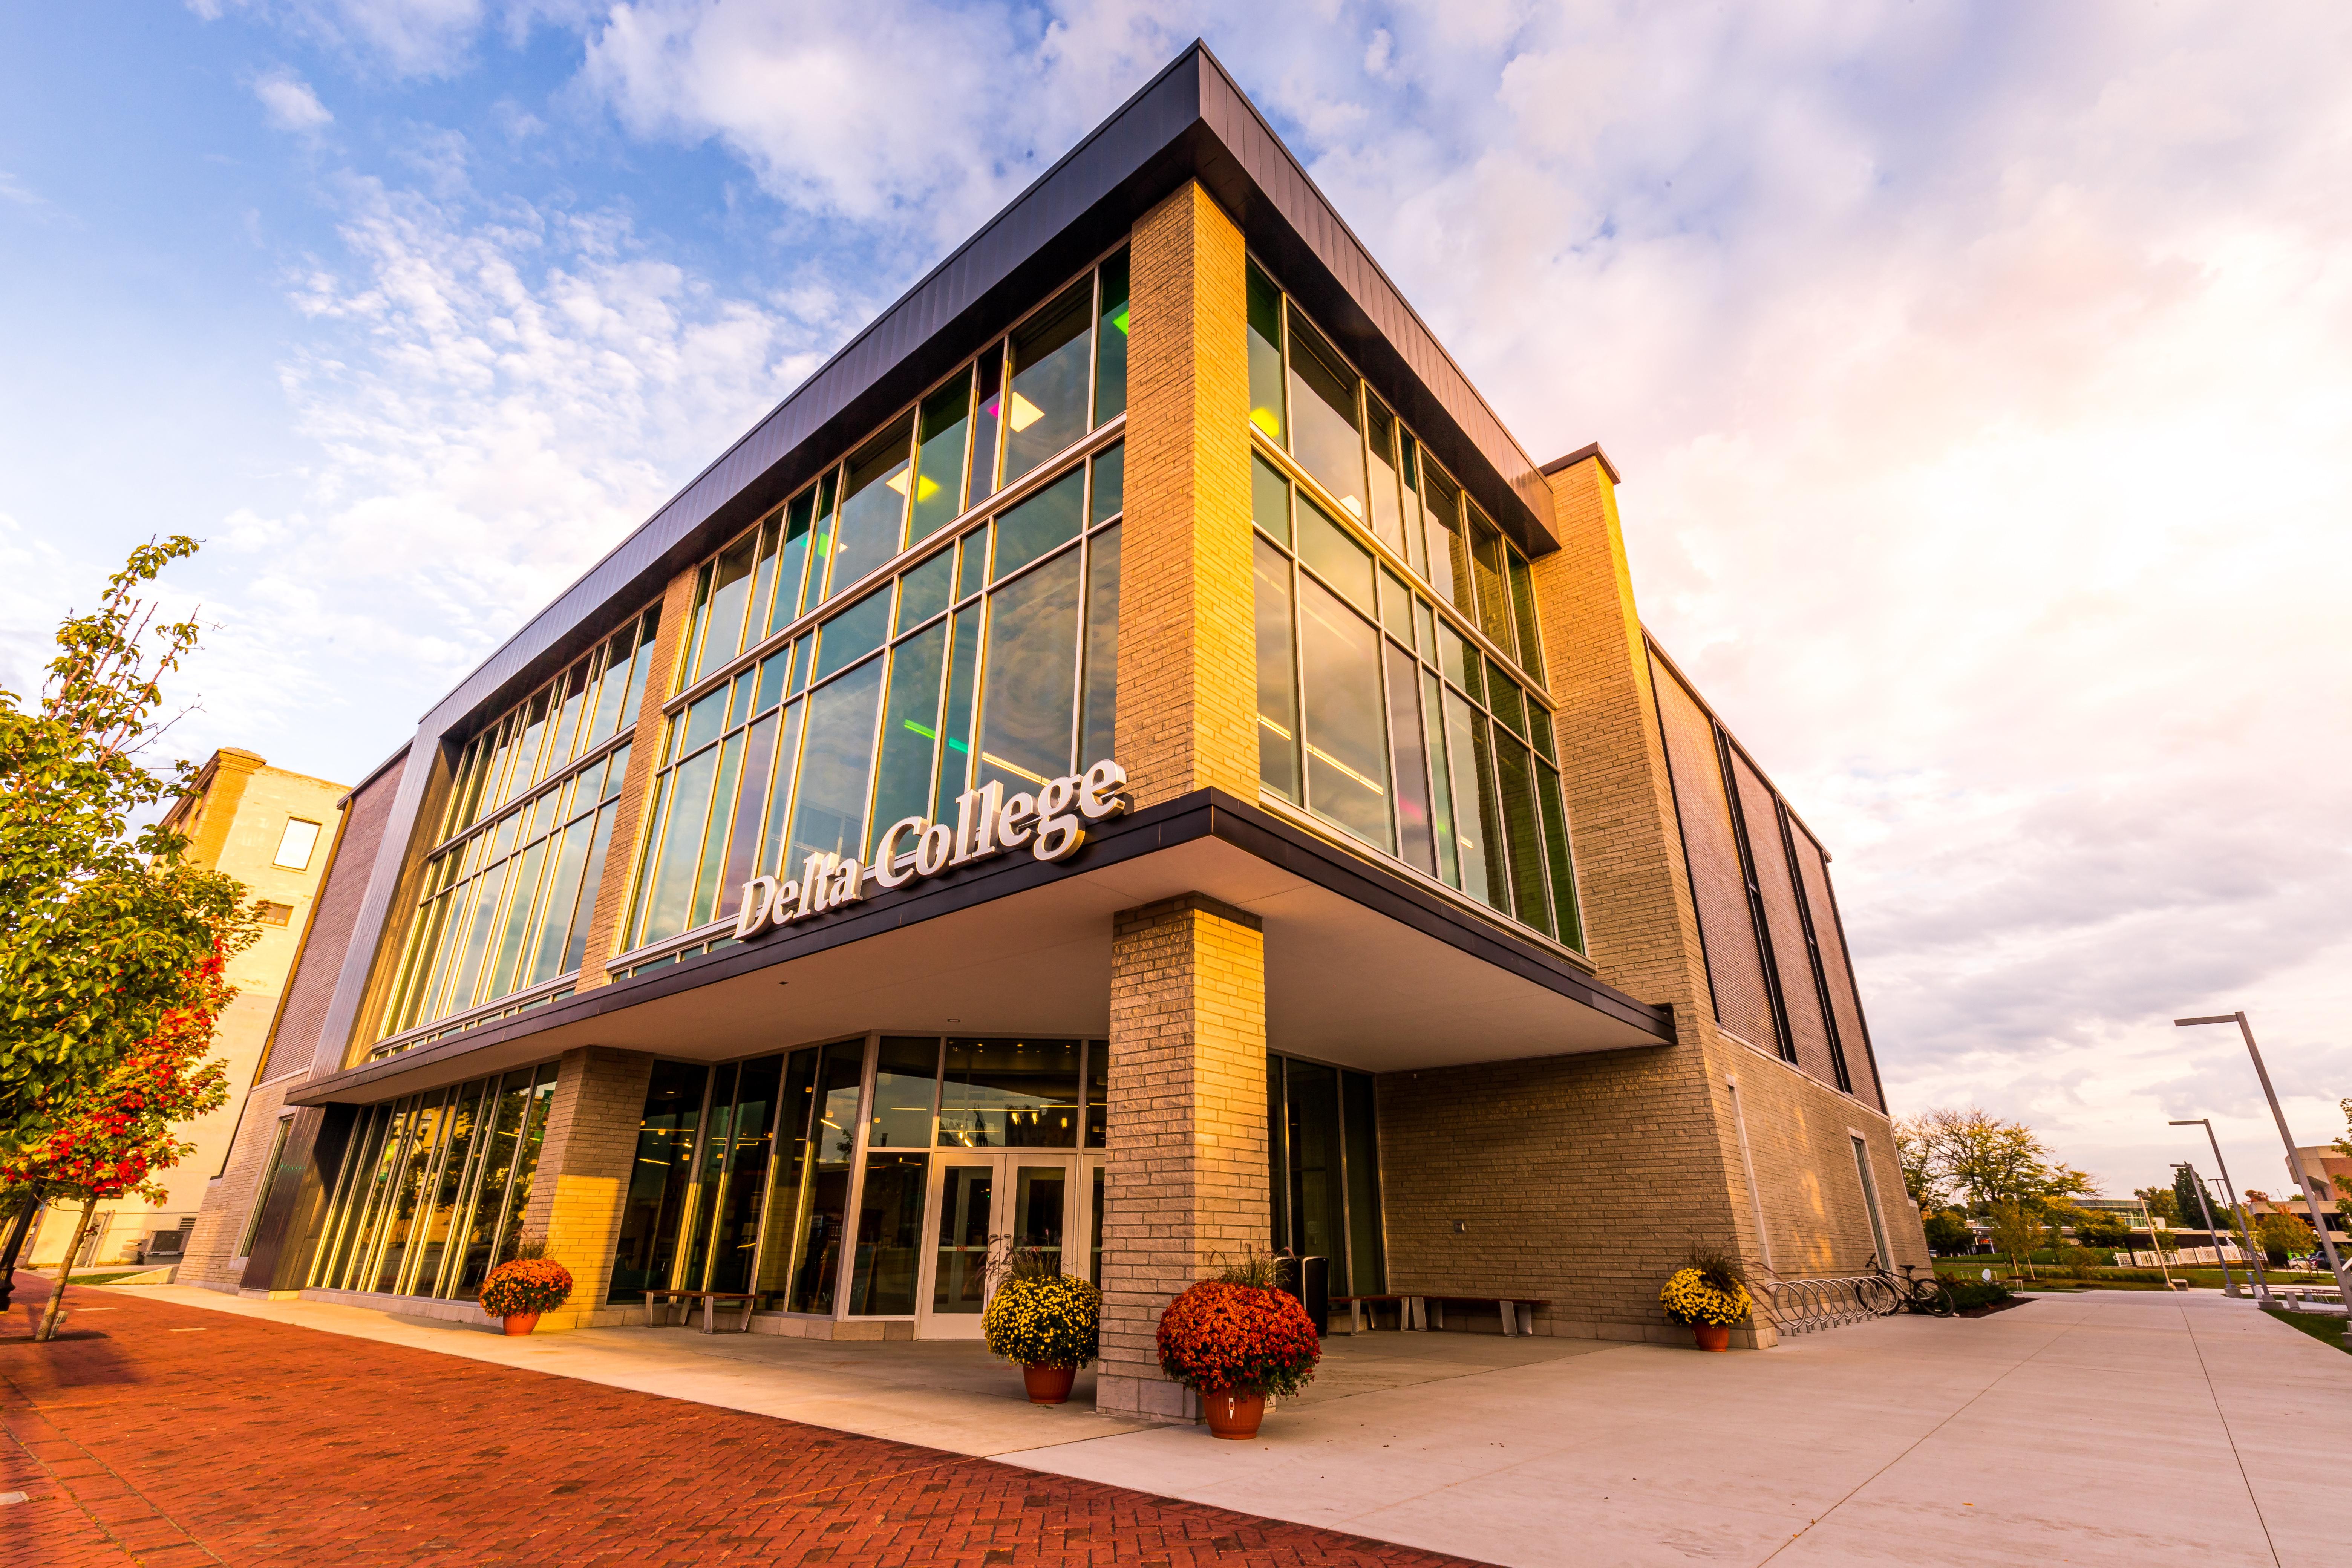 Delta College Saginaw Campus